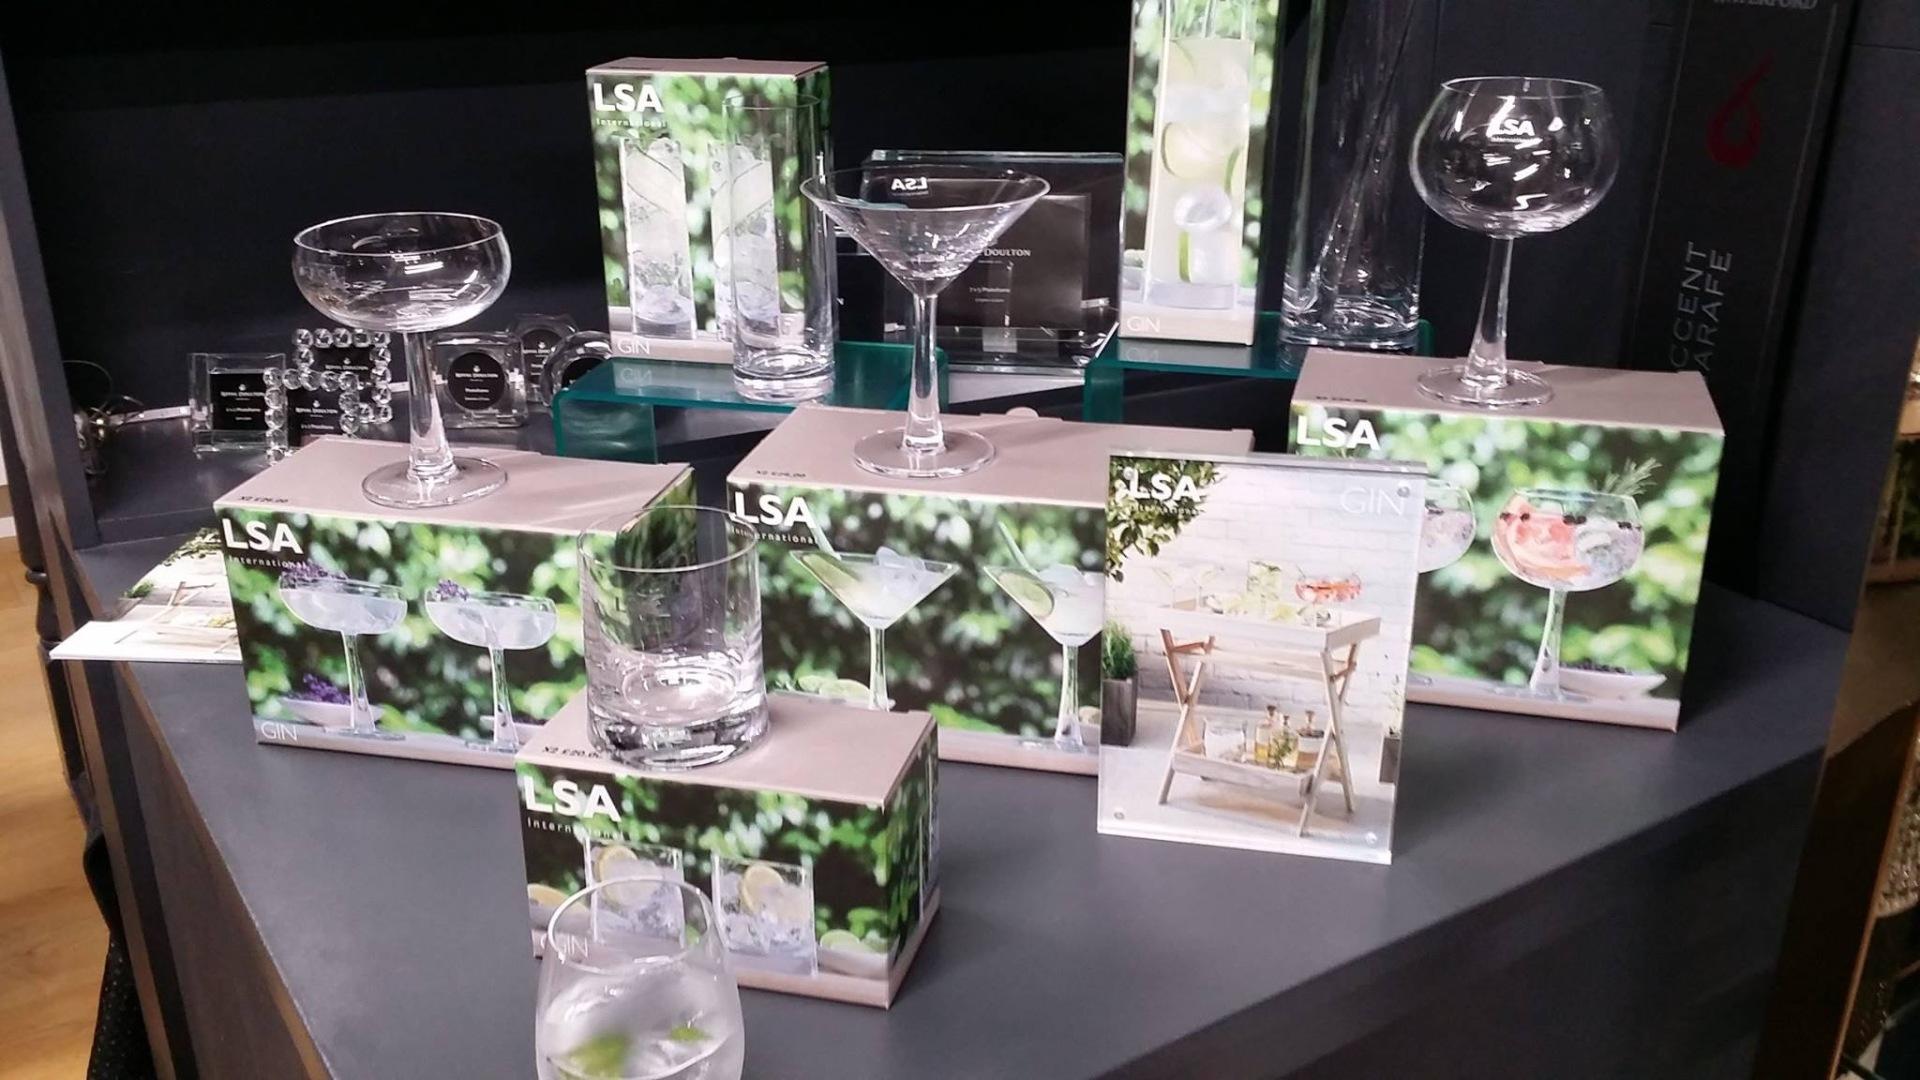 Gin glassware launch event